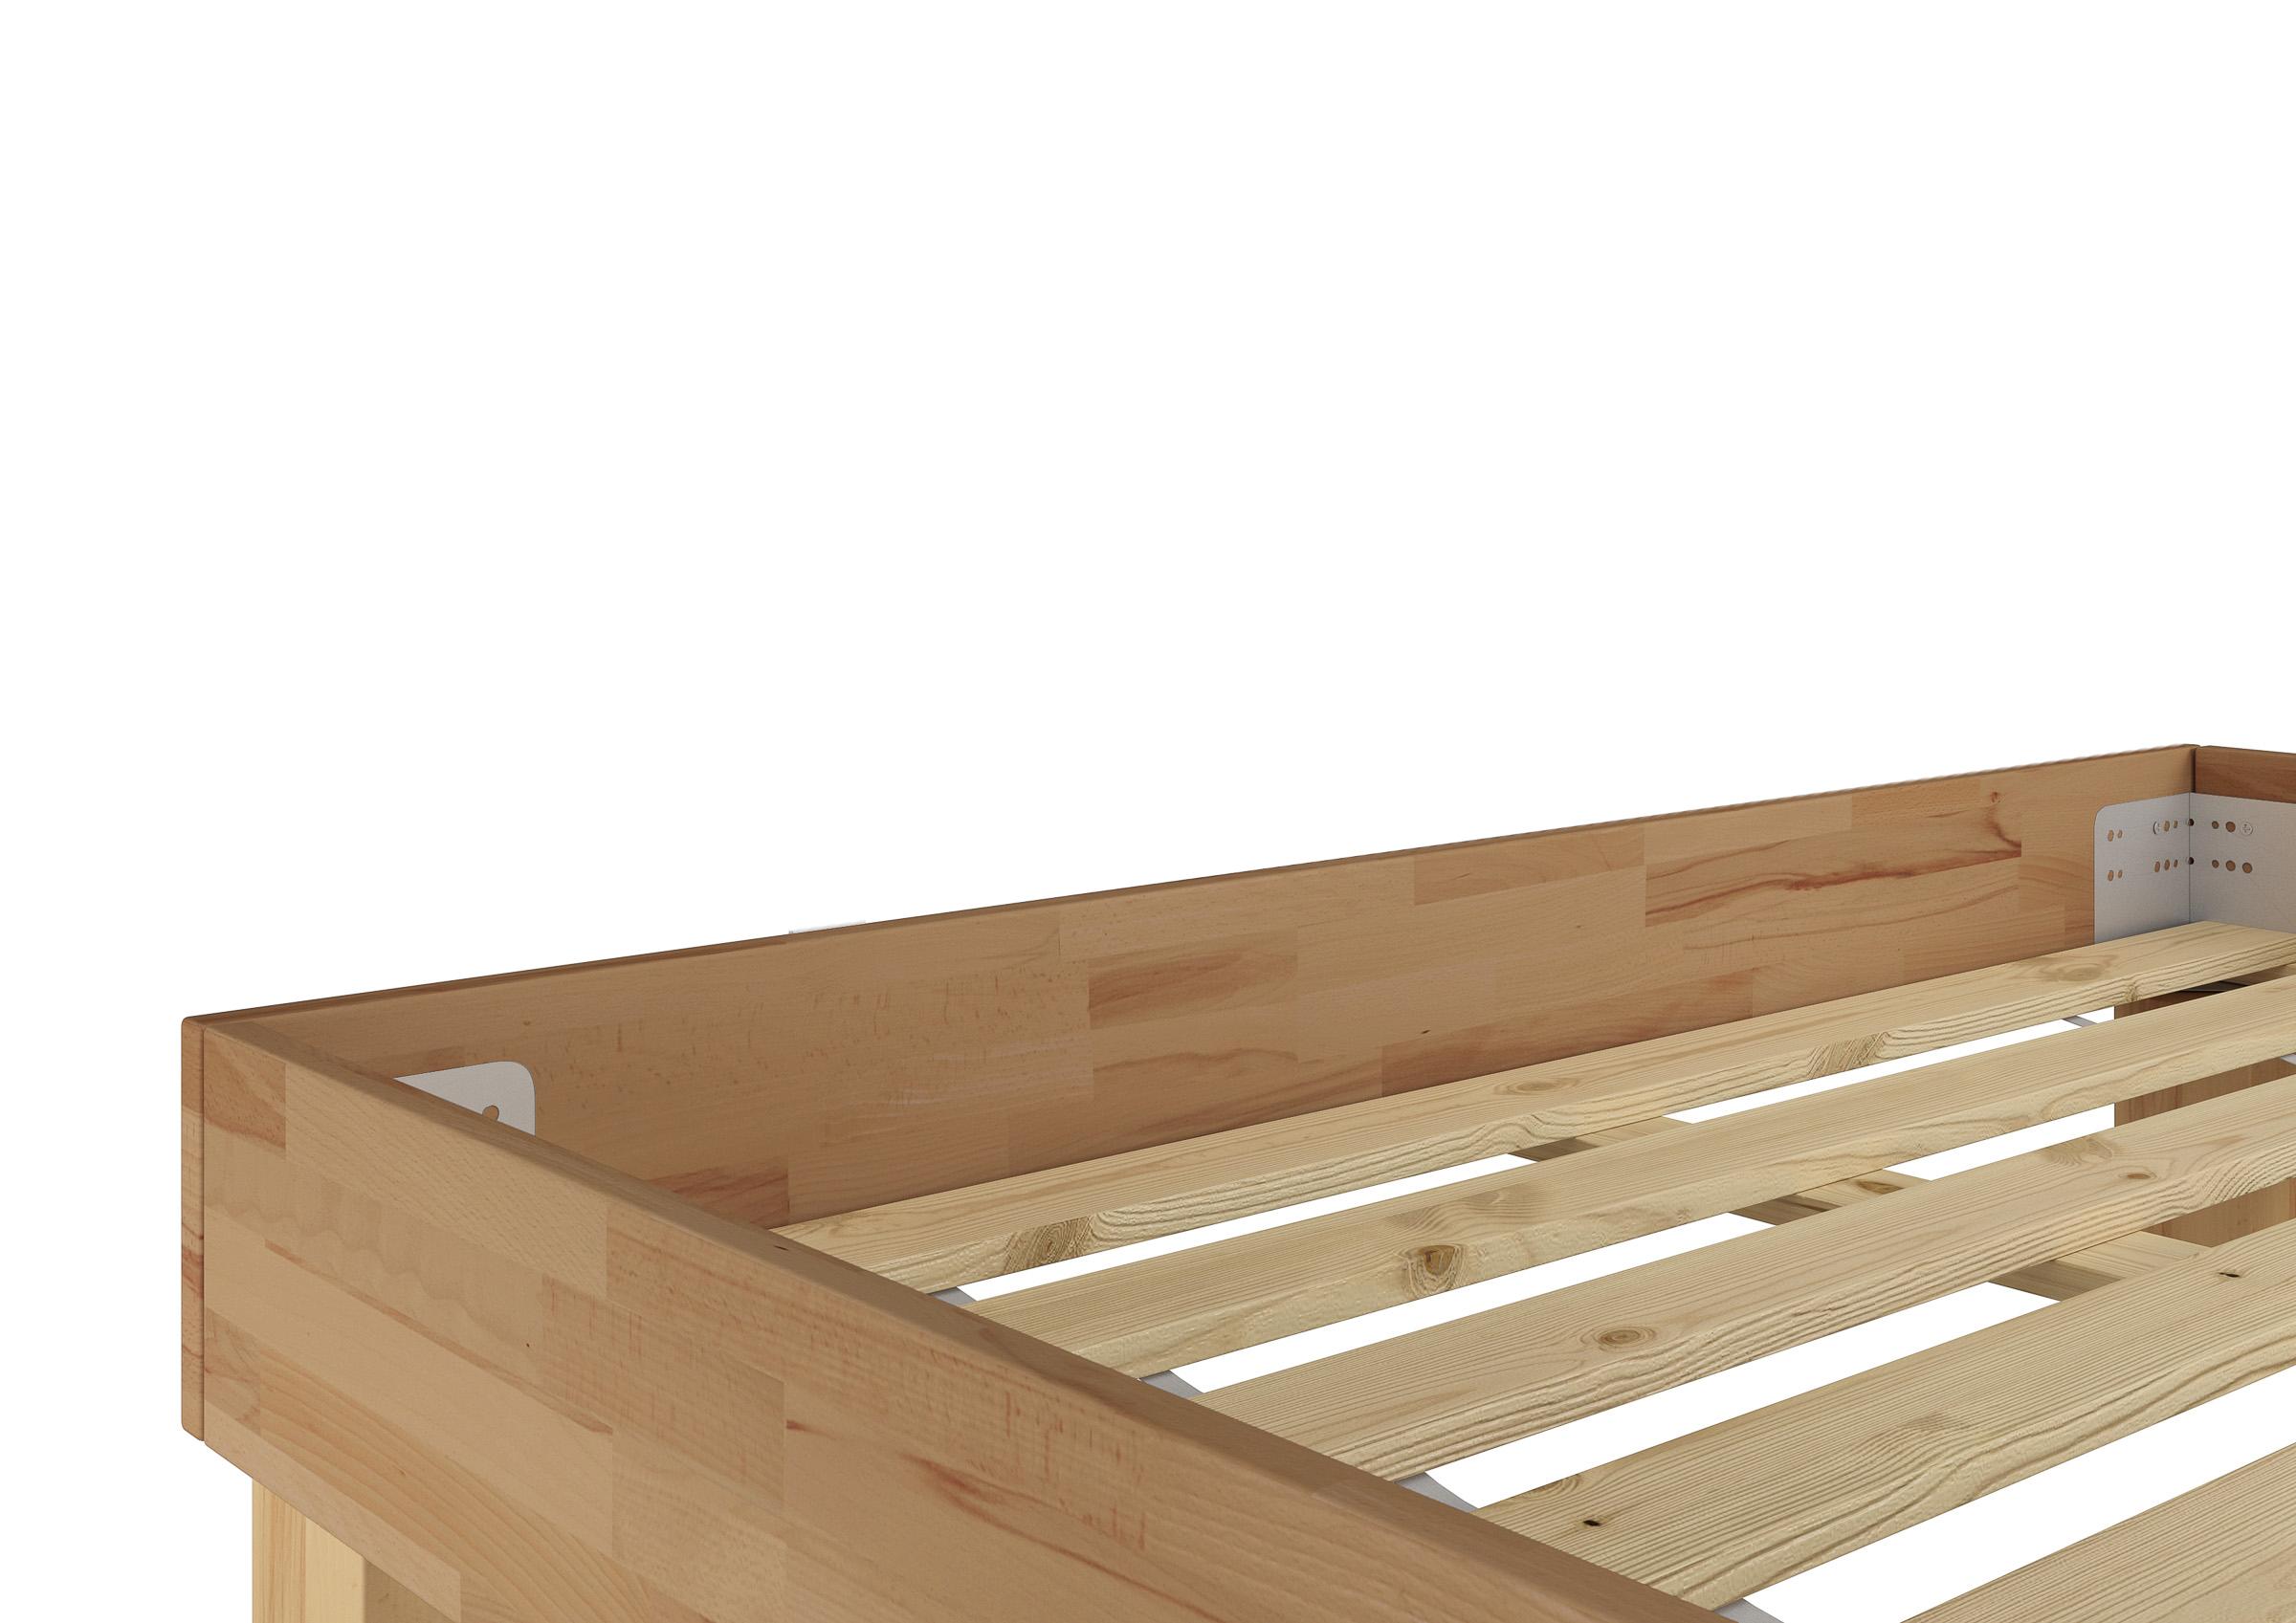 Full Size of Bett Lattenrost Franzsisches Doppelbett 140x200 Buche Gelt Futon Weiß Japanische Betten Modernes 180x200 Kaufen Tagesdecke Einfaches Barock Sonoma Eiche Bett Bett Lattenrost